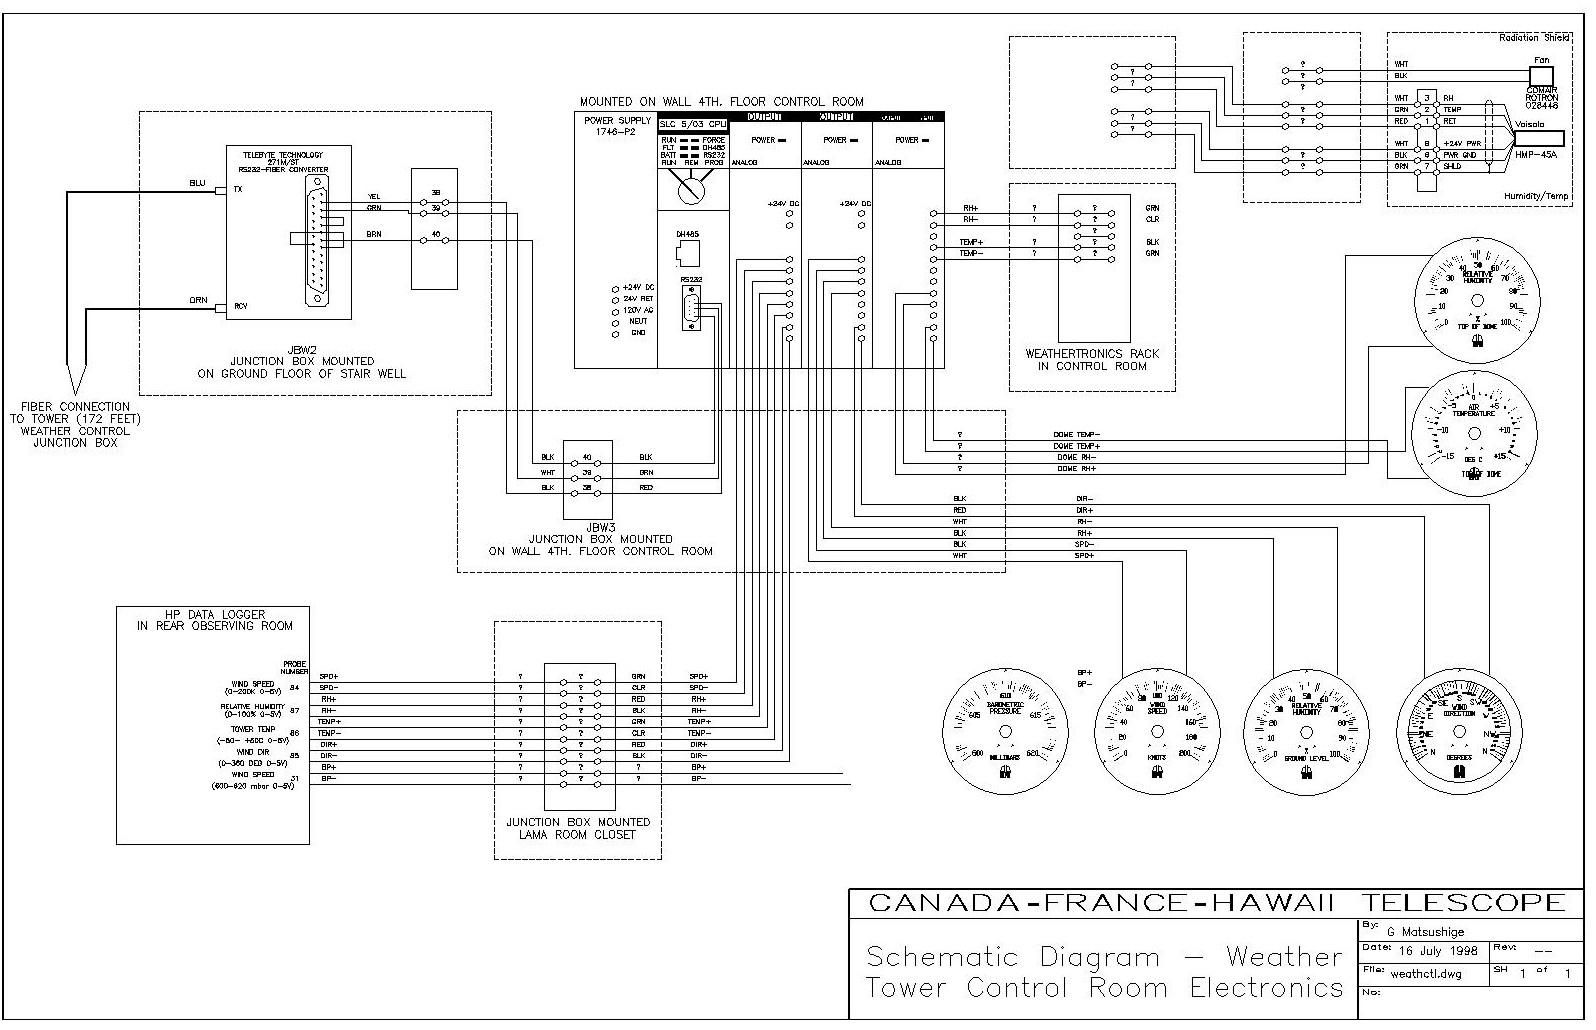 1746 Ow16 Wiring Diagram